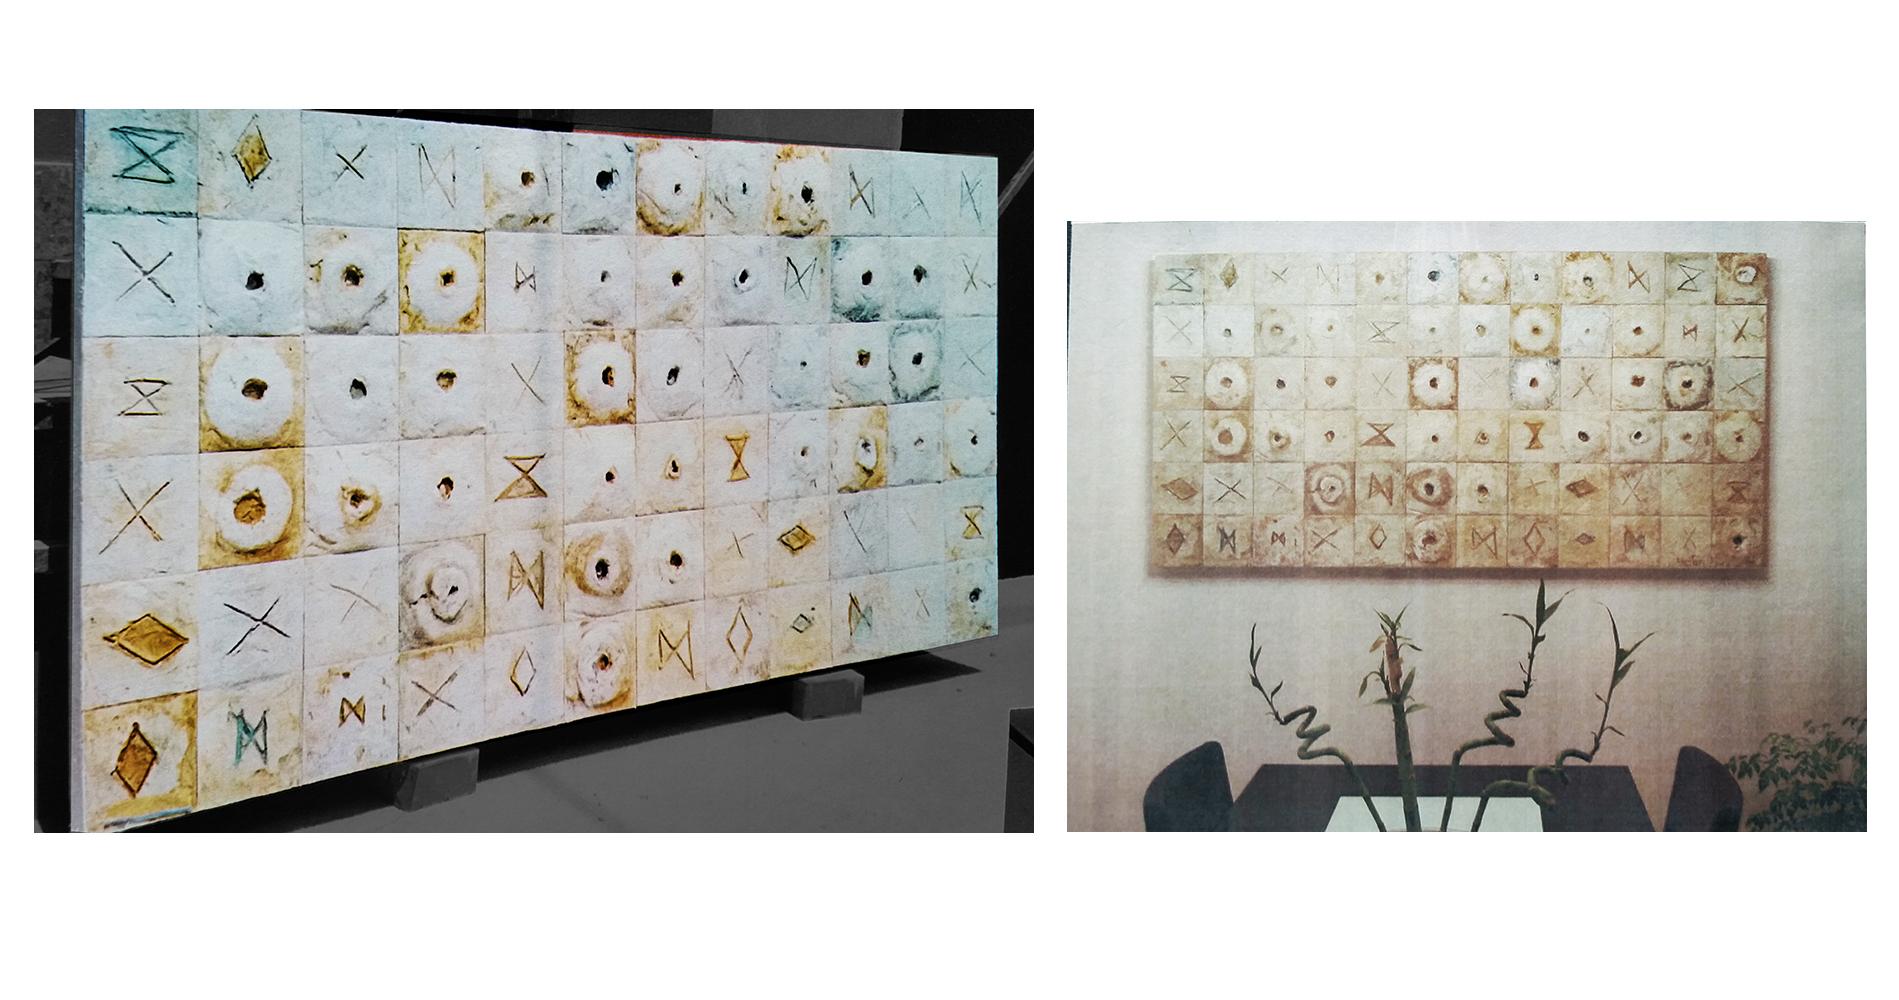 Moduli Rune,Aggregazione, archetipo, astrazione organica, bassorilievo, culto della Madre Terra, Grande Madre, mito, modellato in gesso, moduli, rune, divinazione graffito, Pigmenti